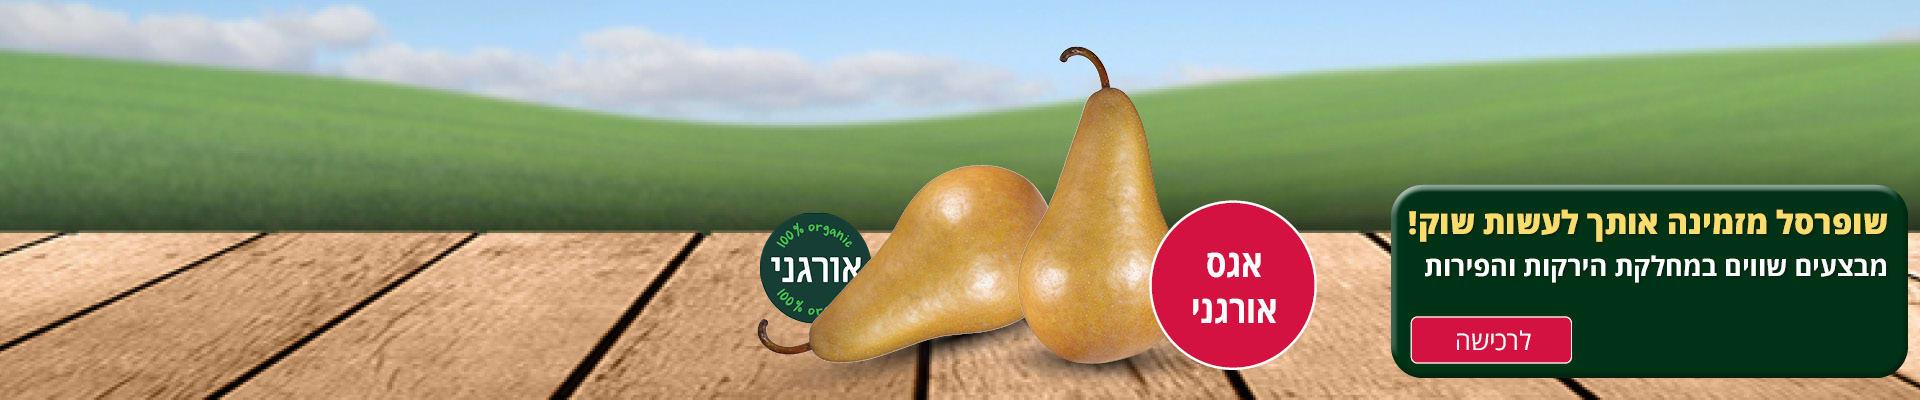 שופרסל מזמינה אותך לעשות שוק! מבצעים שווים במחלקת הירקות והפירות אגס אורגני